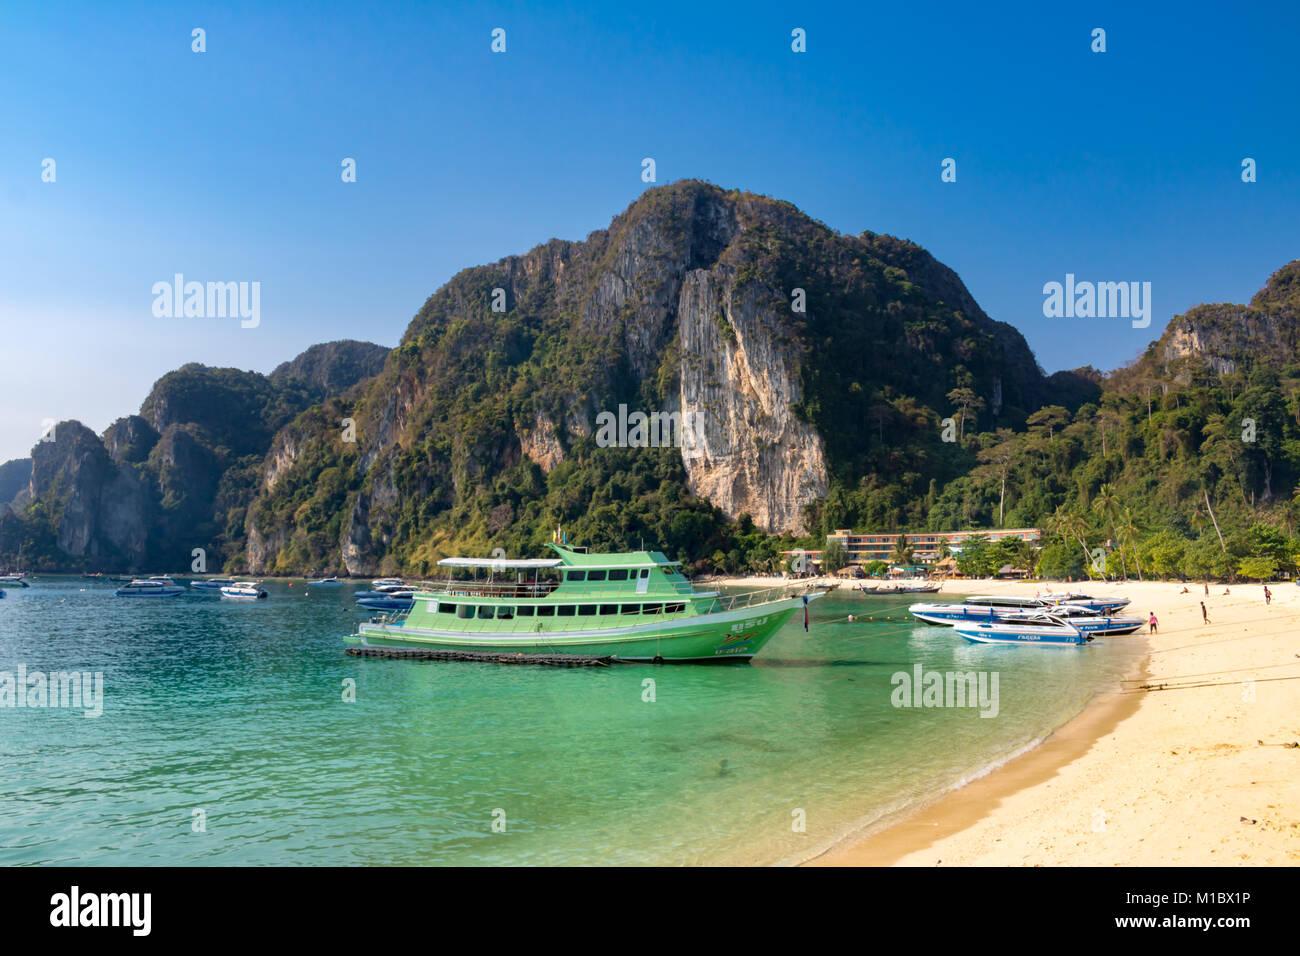 La Isla Phi Phi Krabi Tailandia Enero 31, 2016 lanchas amarrados en una playa de Tonsai Ao, en Koh Phi Phi Don. Foto de stock